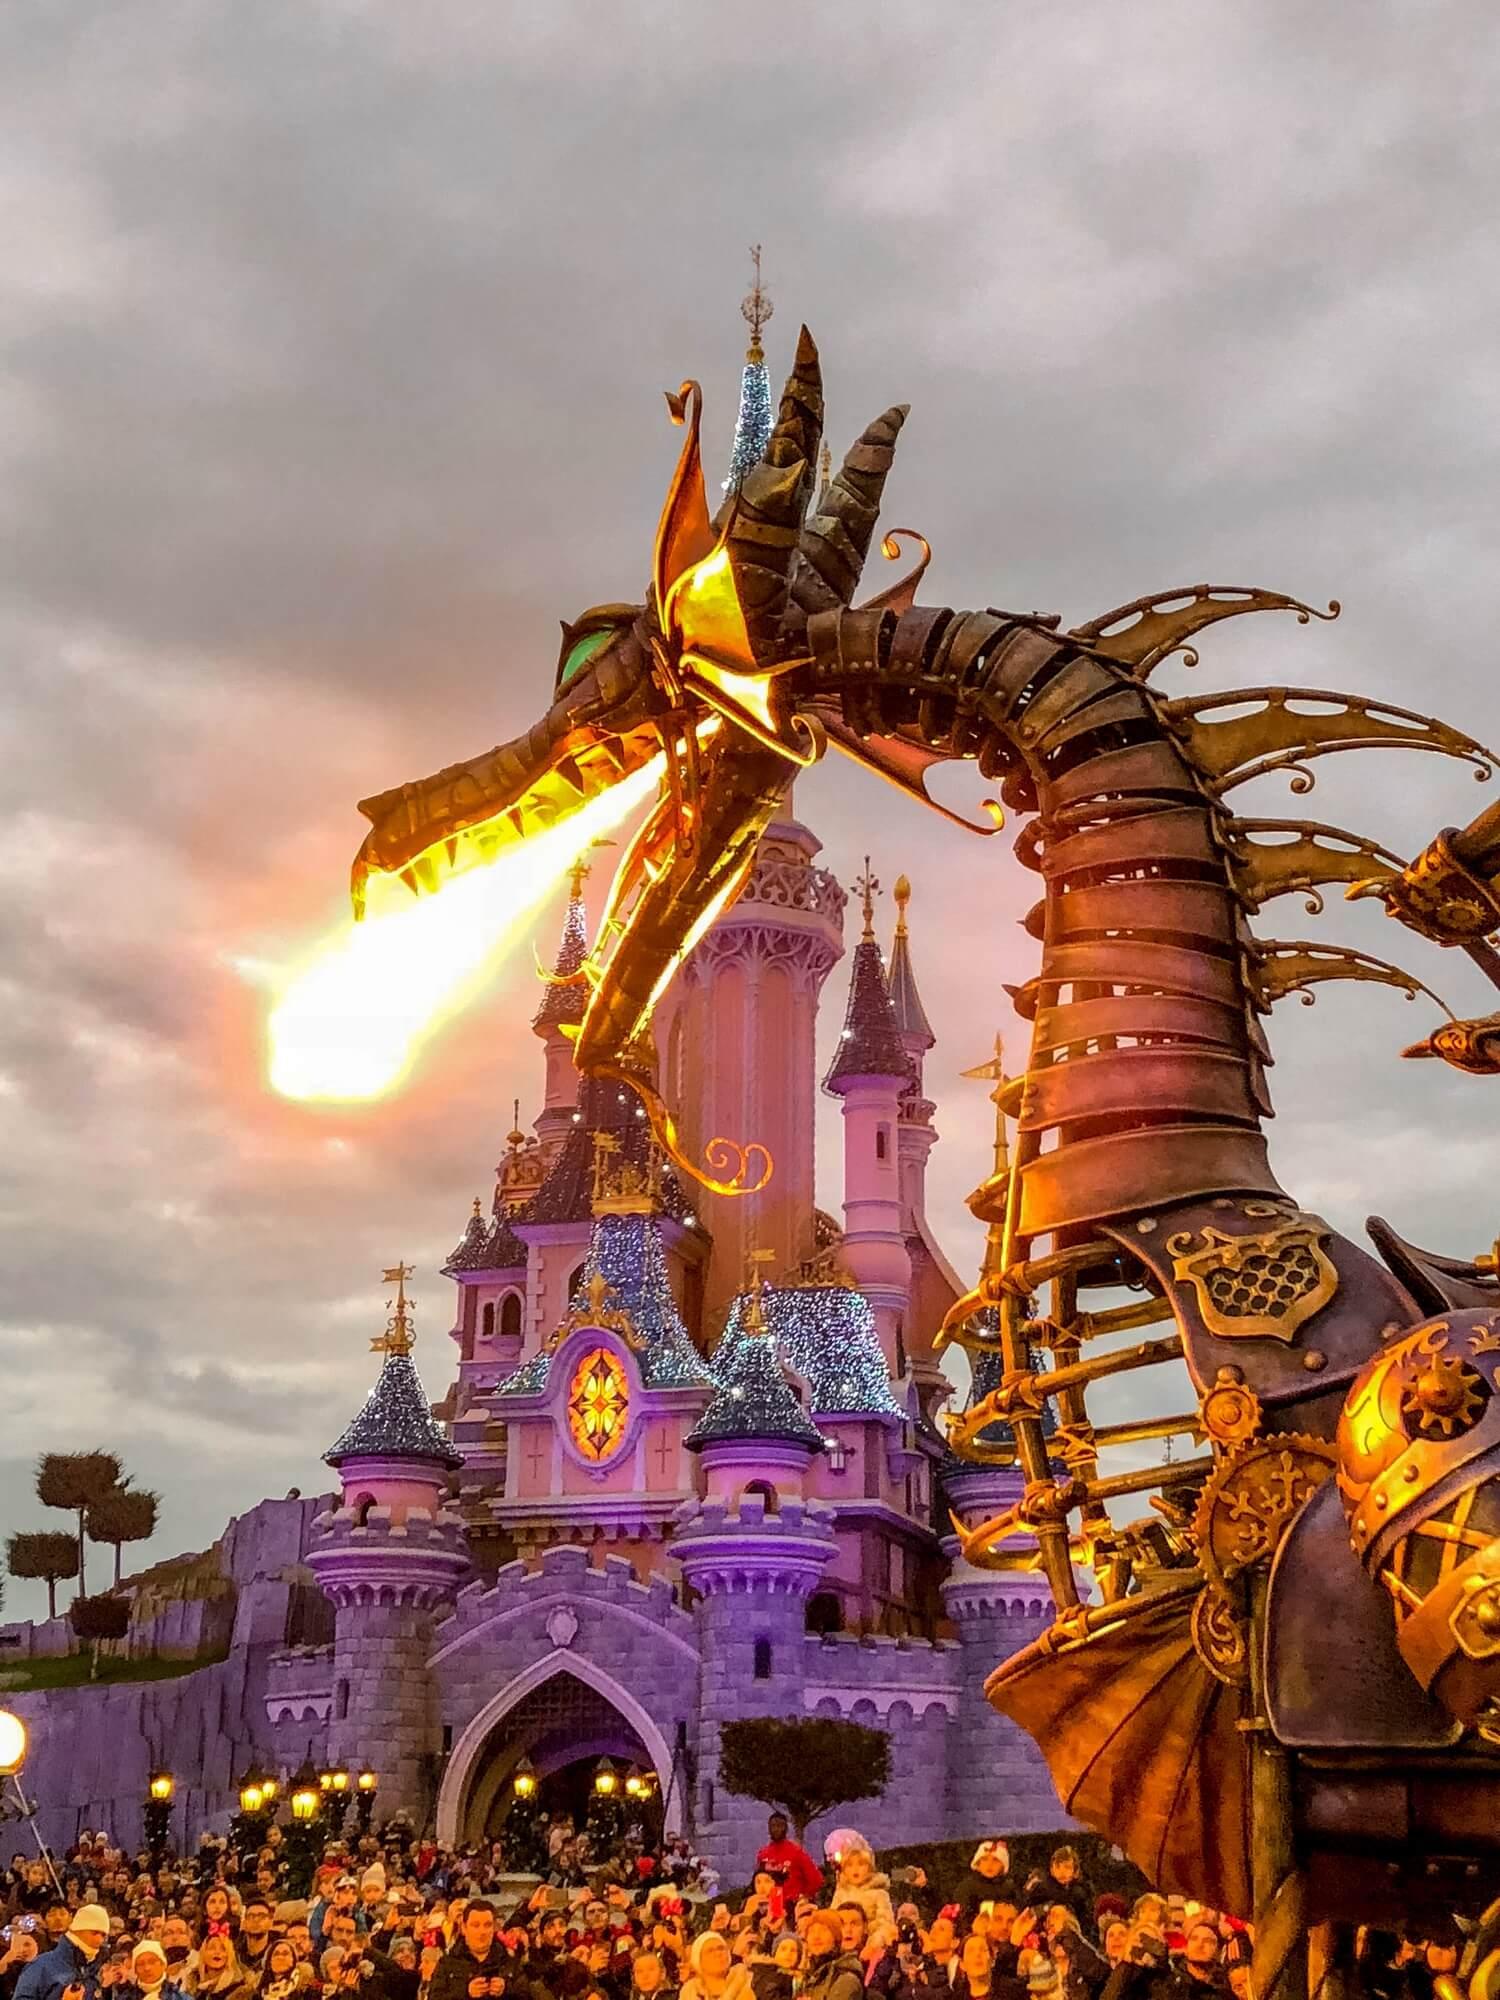 Un noël à Disneyland Paris et premier vlog voyage | happinesscoco.com